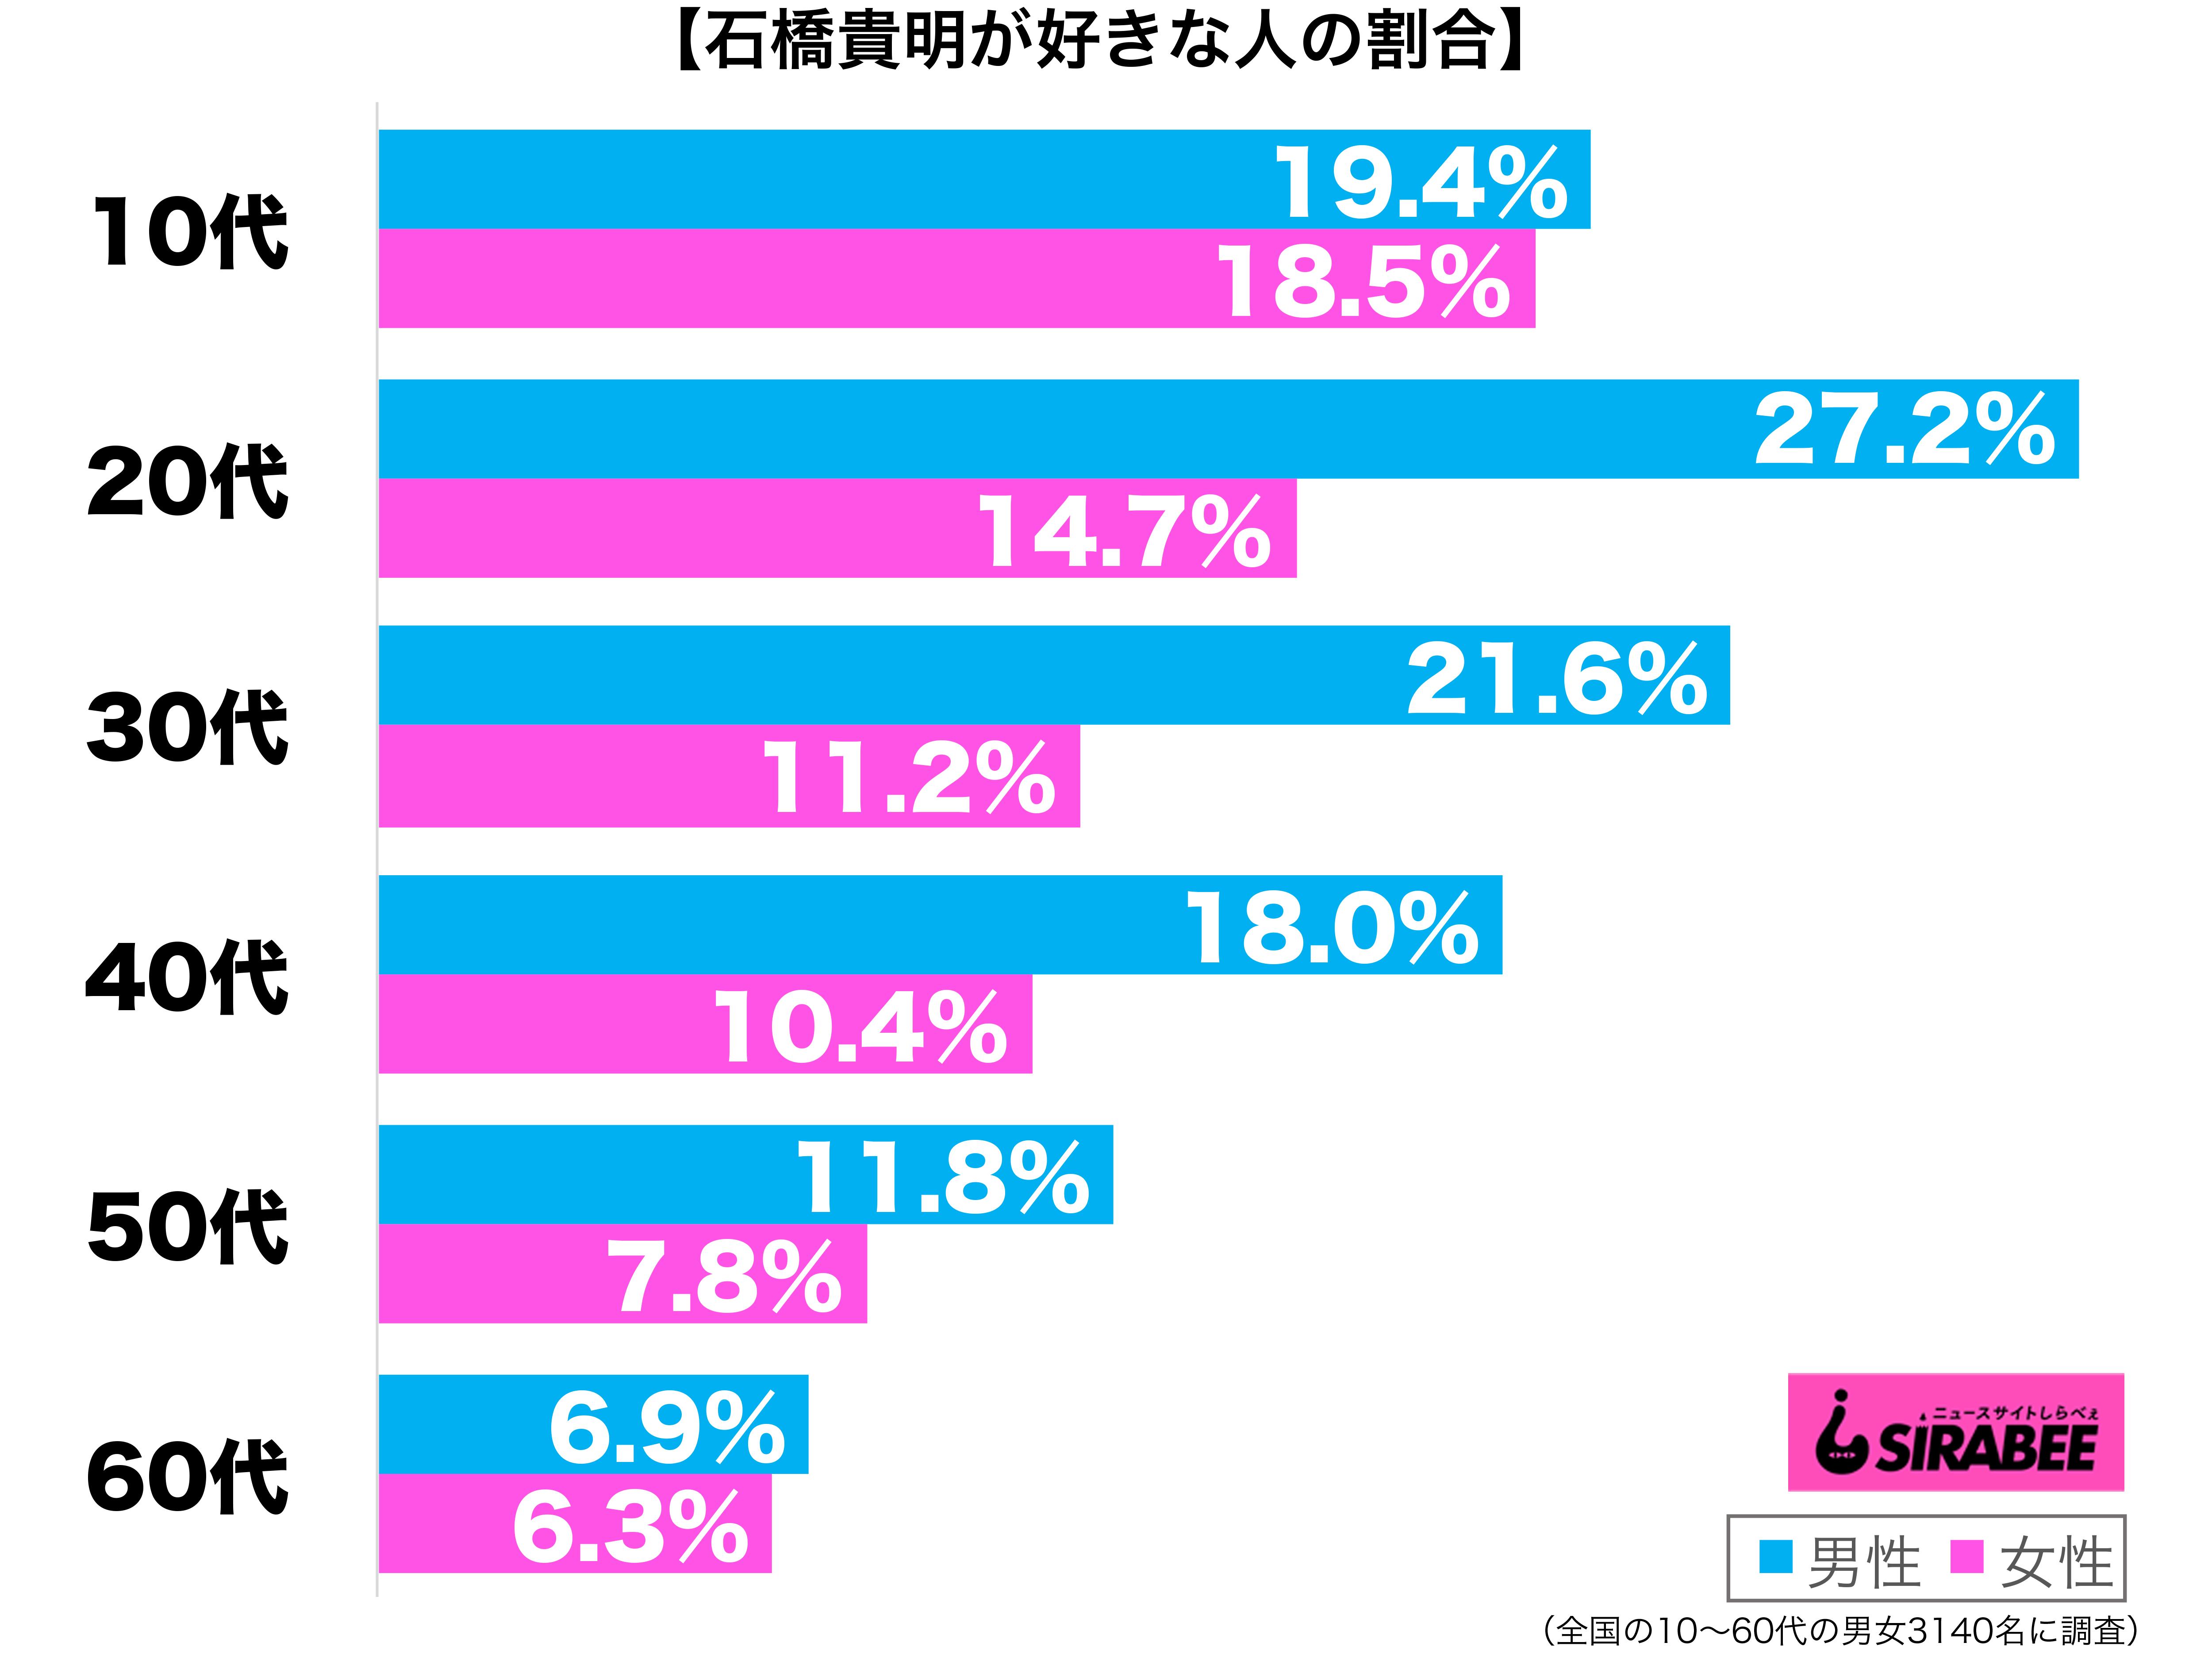 石橋貴明が好き性年代別グラフ